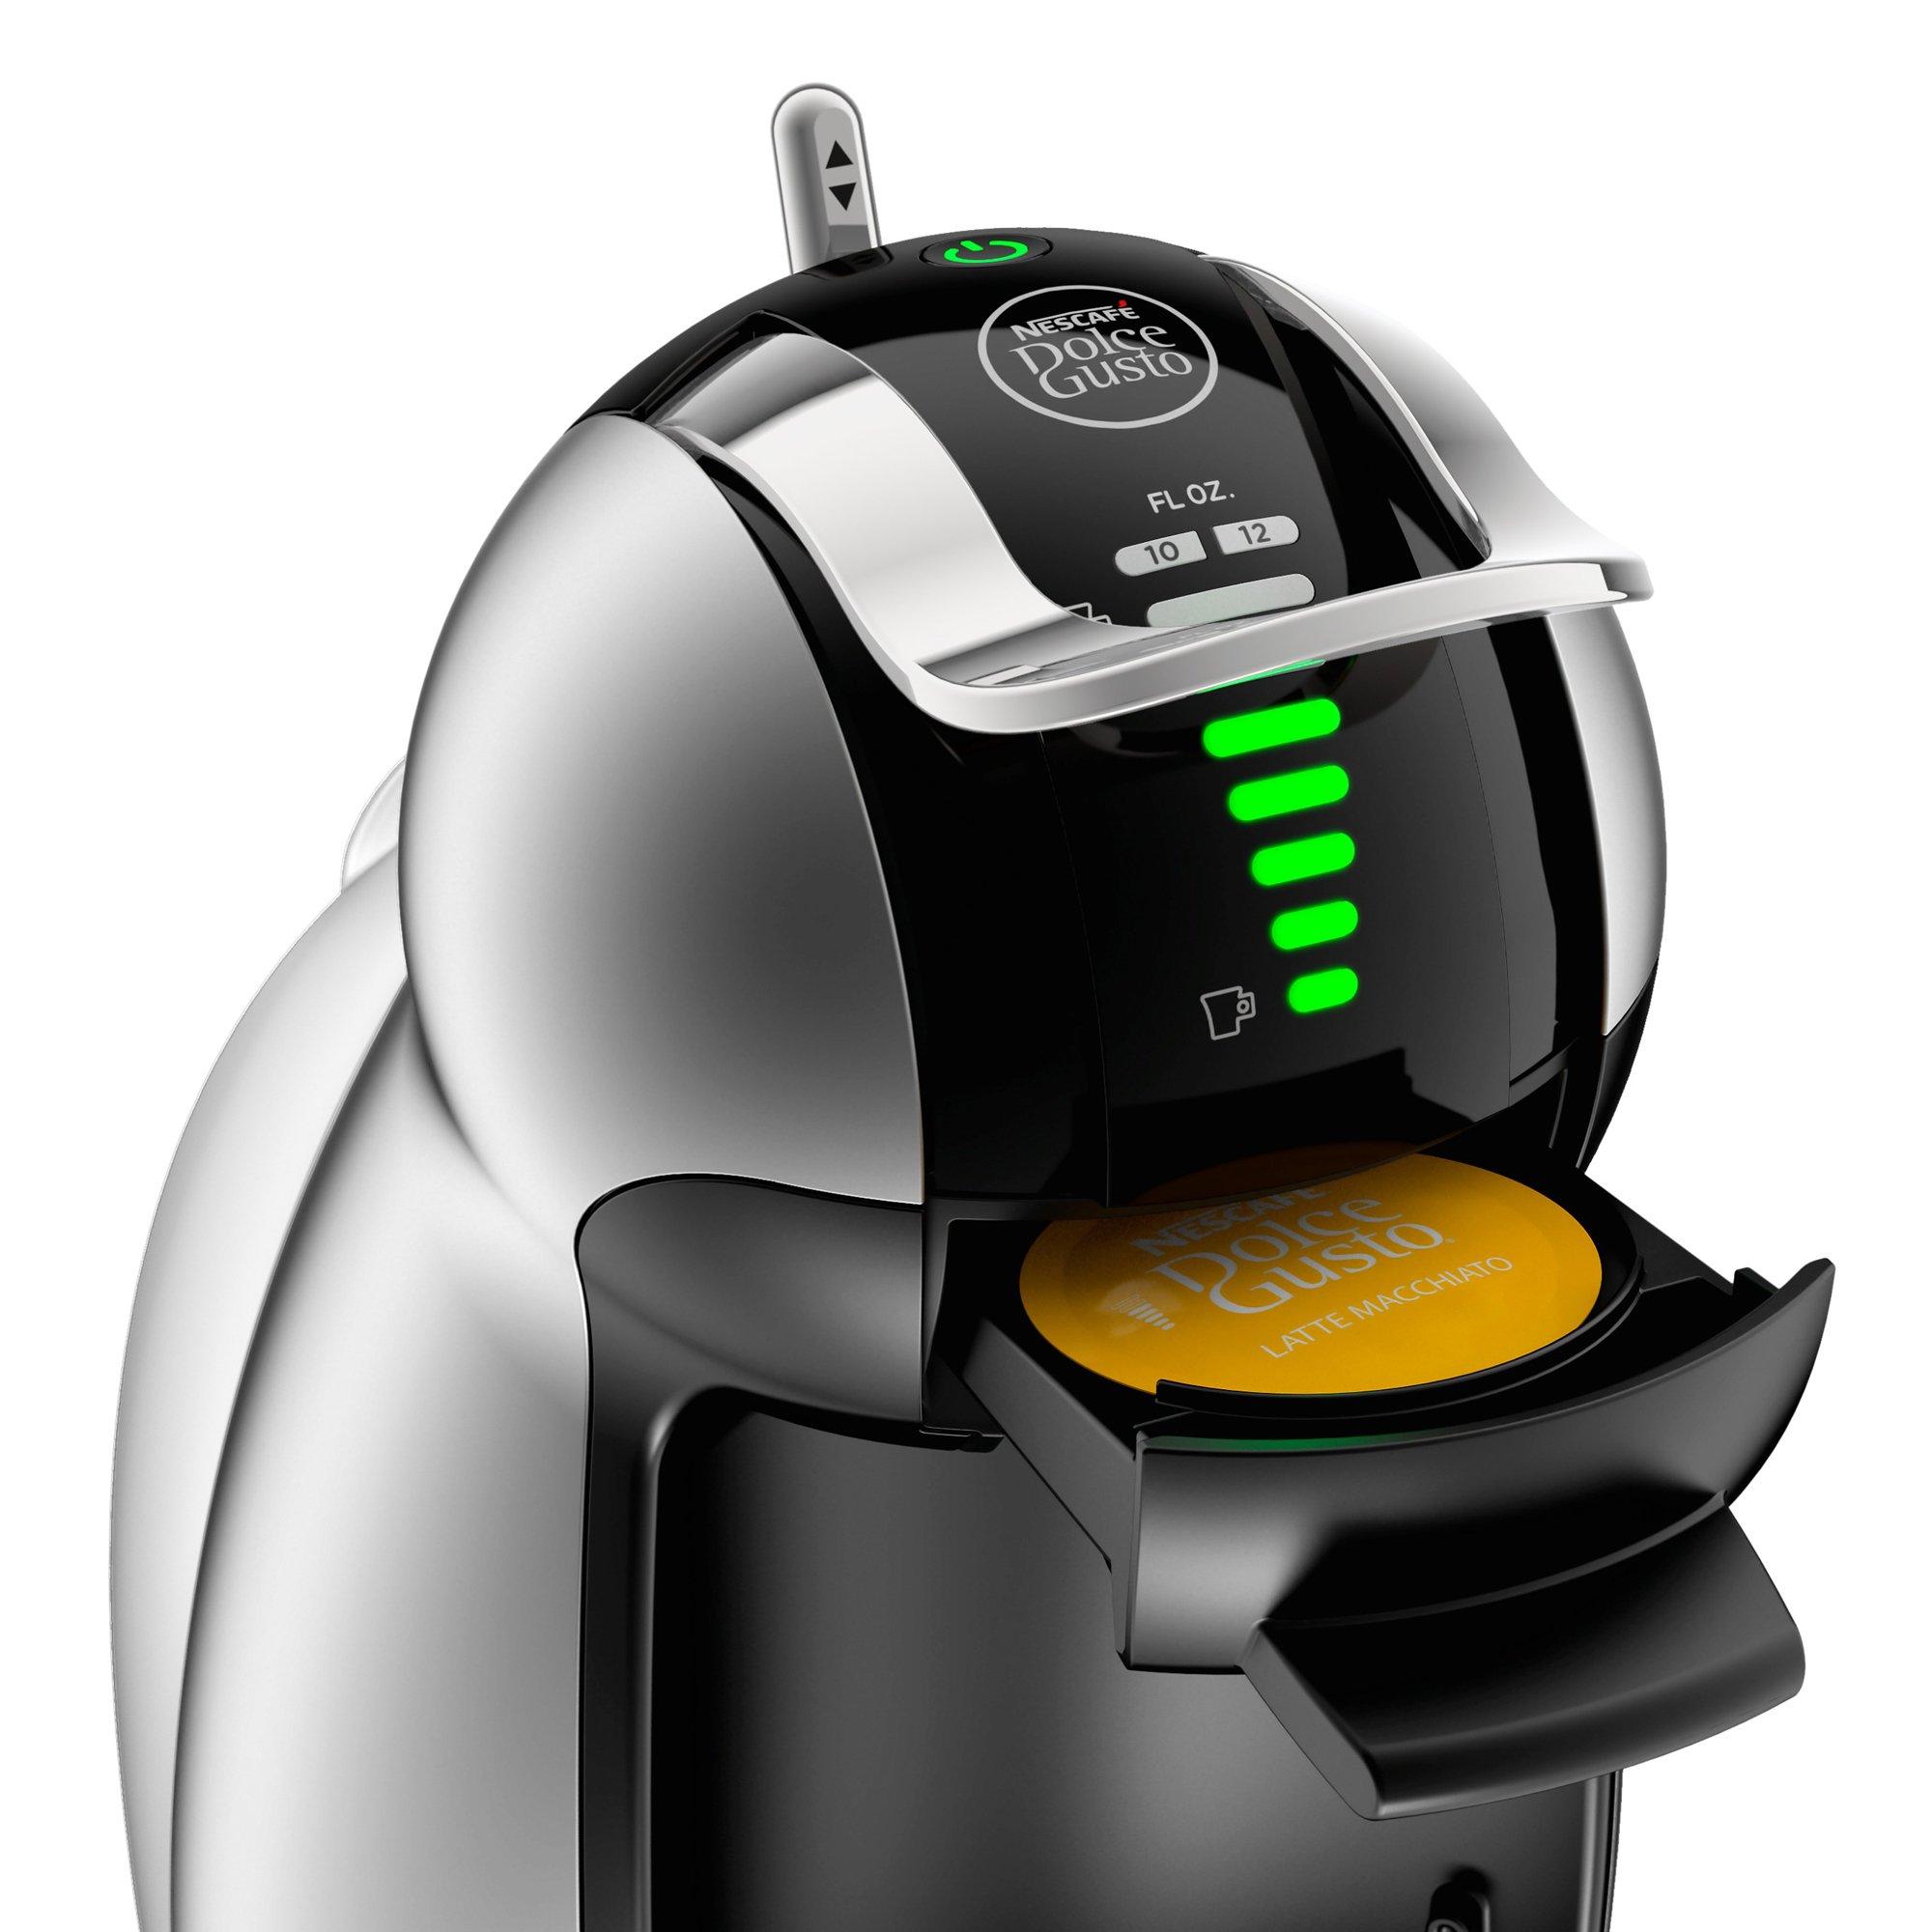 OpenBox NESCAFÉ Dolce Gusto Genio 2 Coffee, Espresso and Cappuccino Pod Machine 44387466004 | eBay